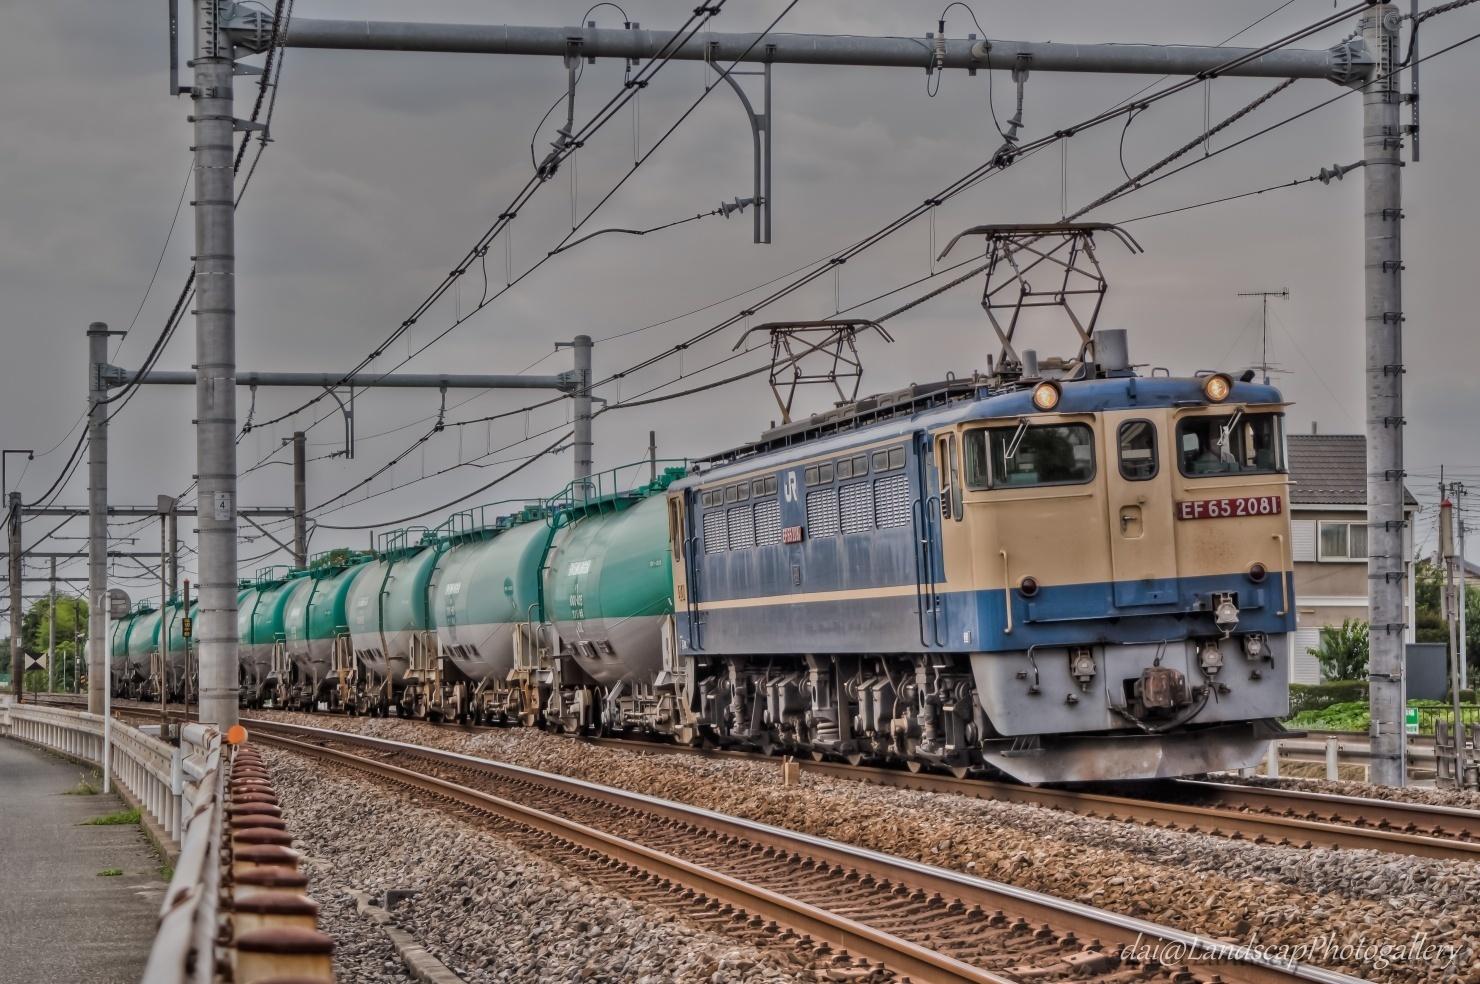 EF65 2081 石油専用列車【HDRi】